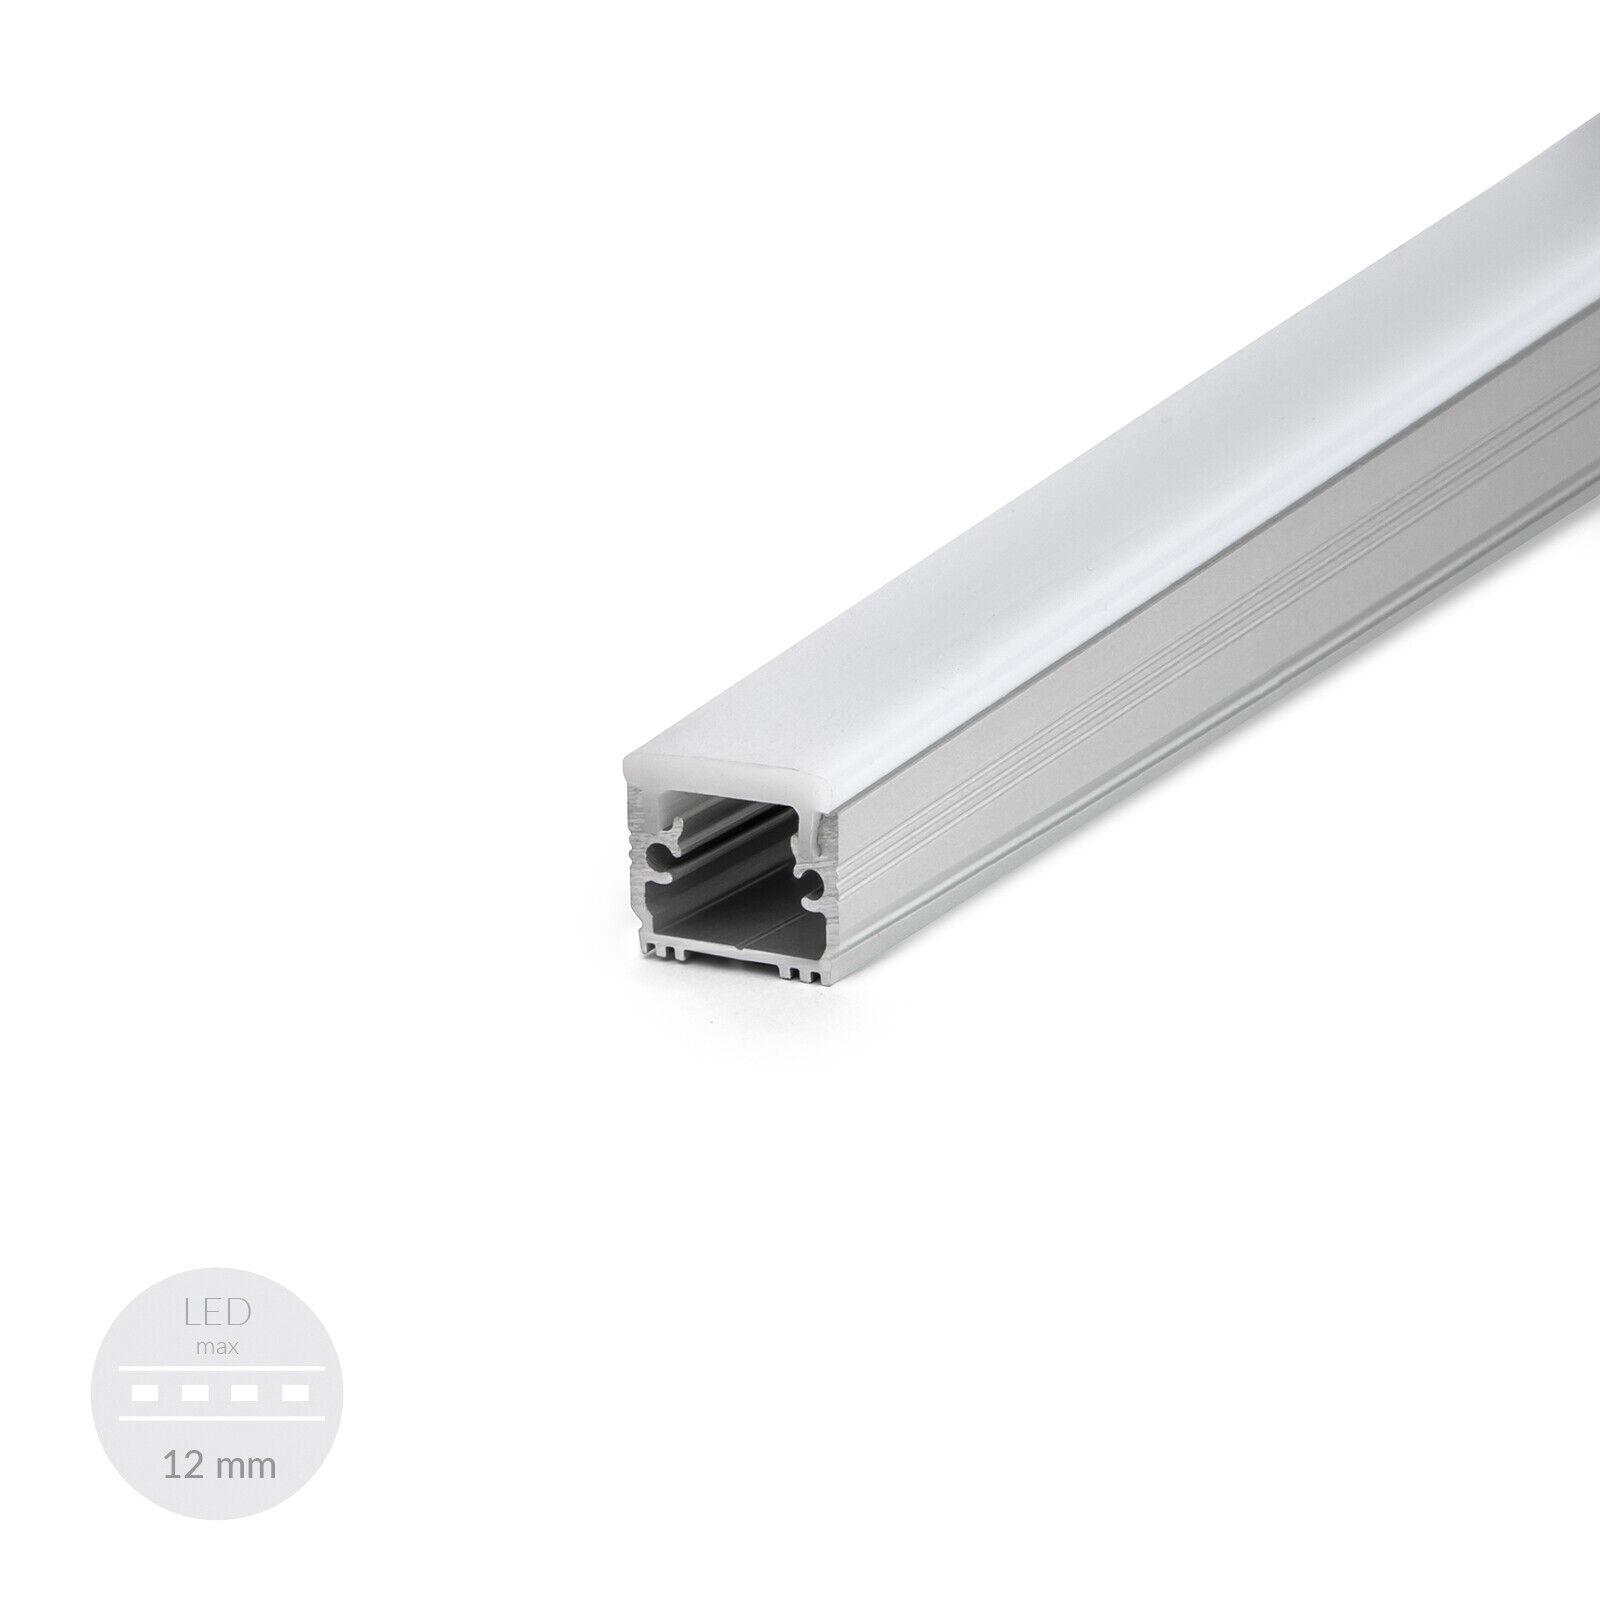 Profil LED hohe Festigkeit gegen Abrieb und Kratzer 2 Meter Endkappen FLOOR NEU    Qualitätskönigin